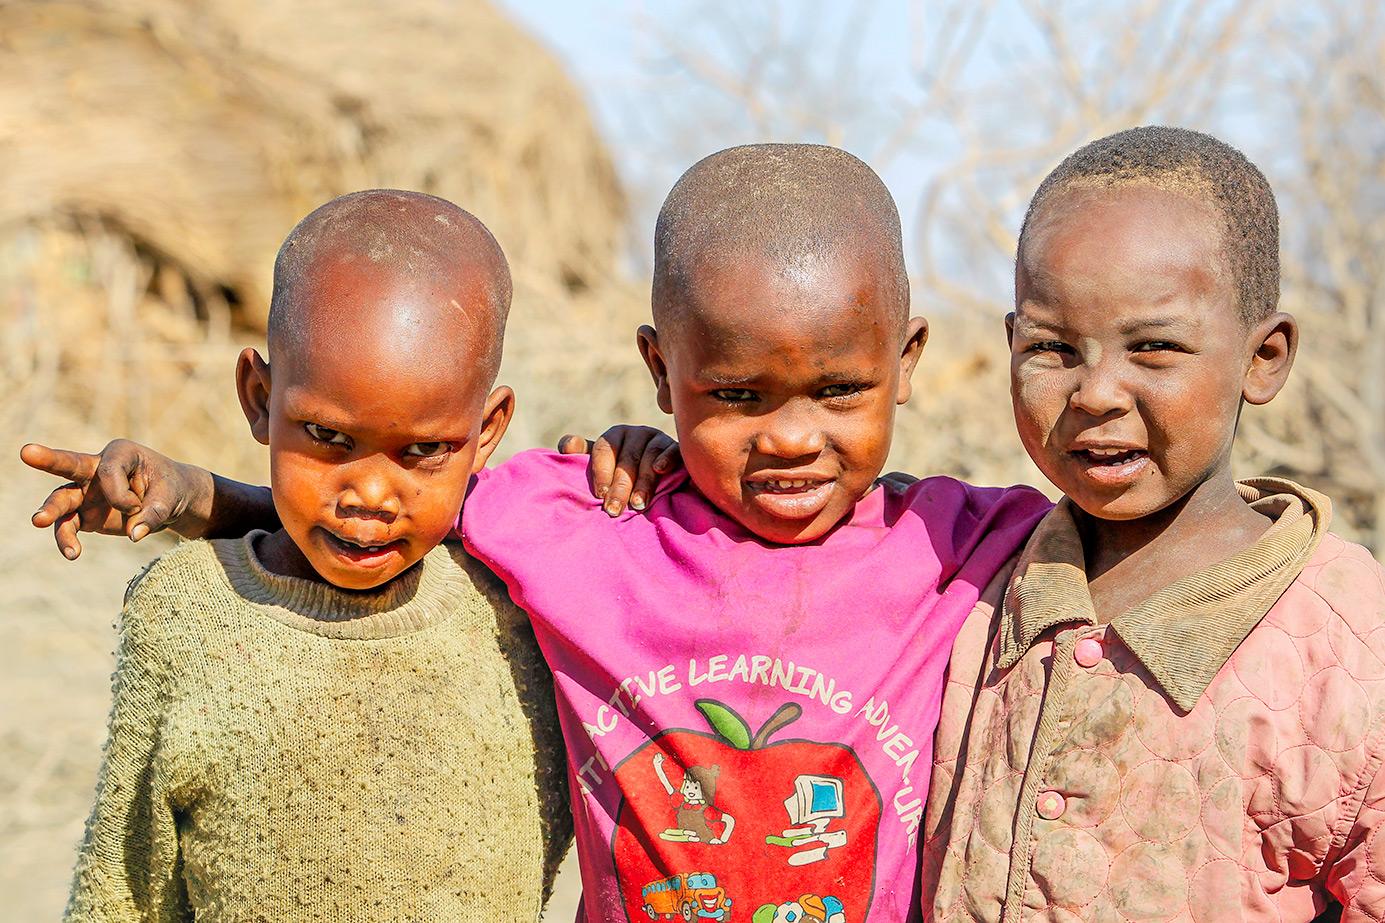 Massai-Kinder fotografiert von Benny Rebel auf einer Fotoreise durch Afrika - Fotosafari